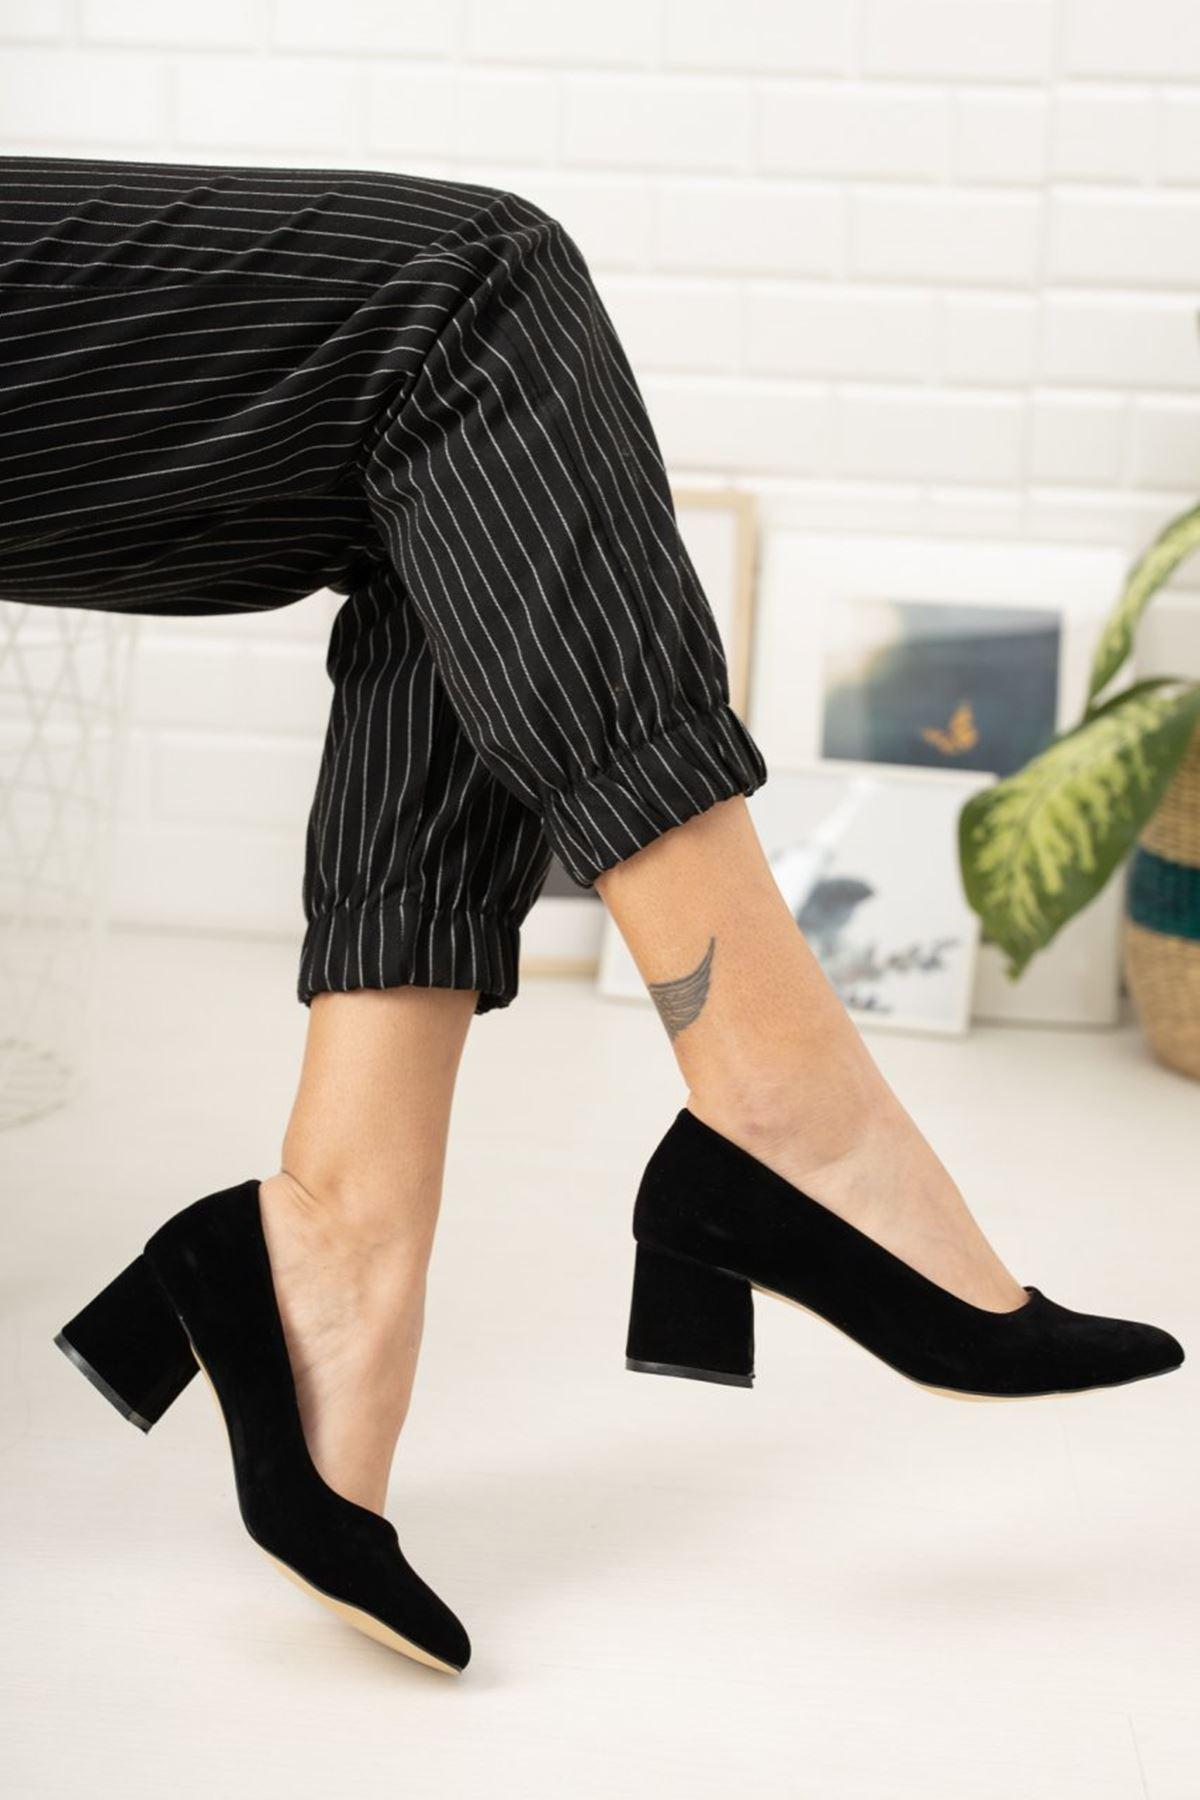 Kadın Voges Kısa Topuklu Siyah Süet Ayakkabı